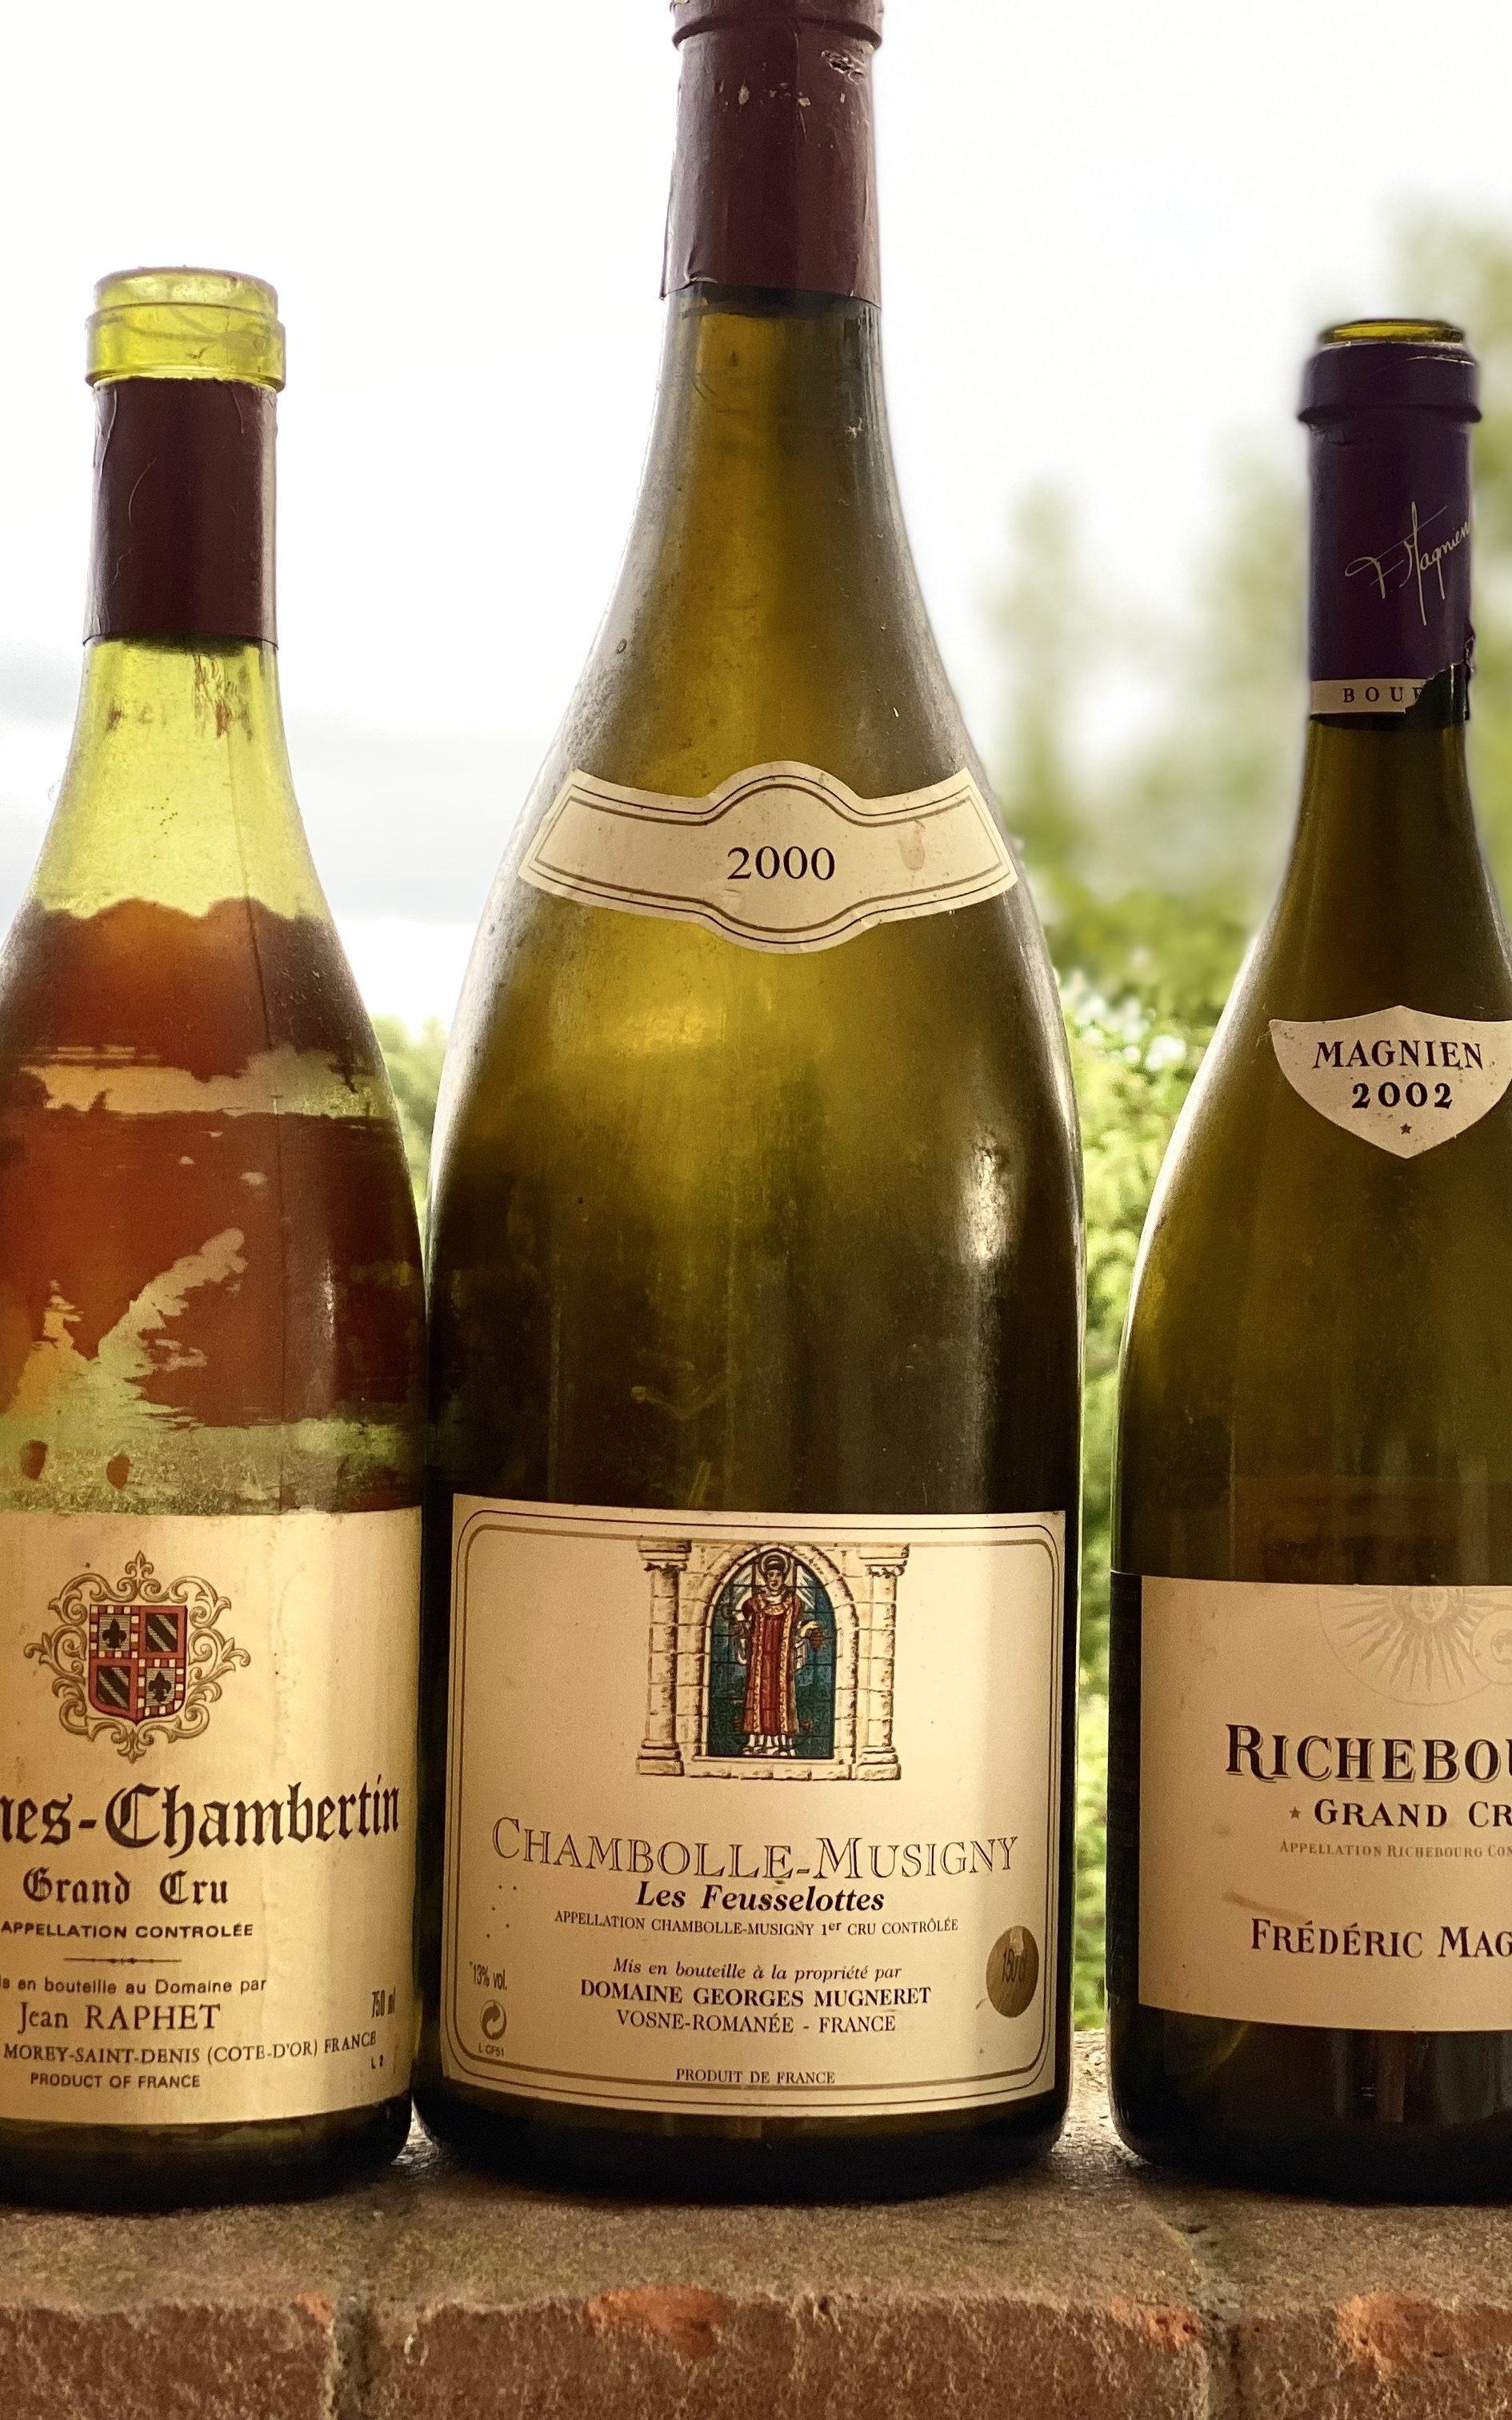 Bottles of Burgundy wine